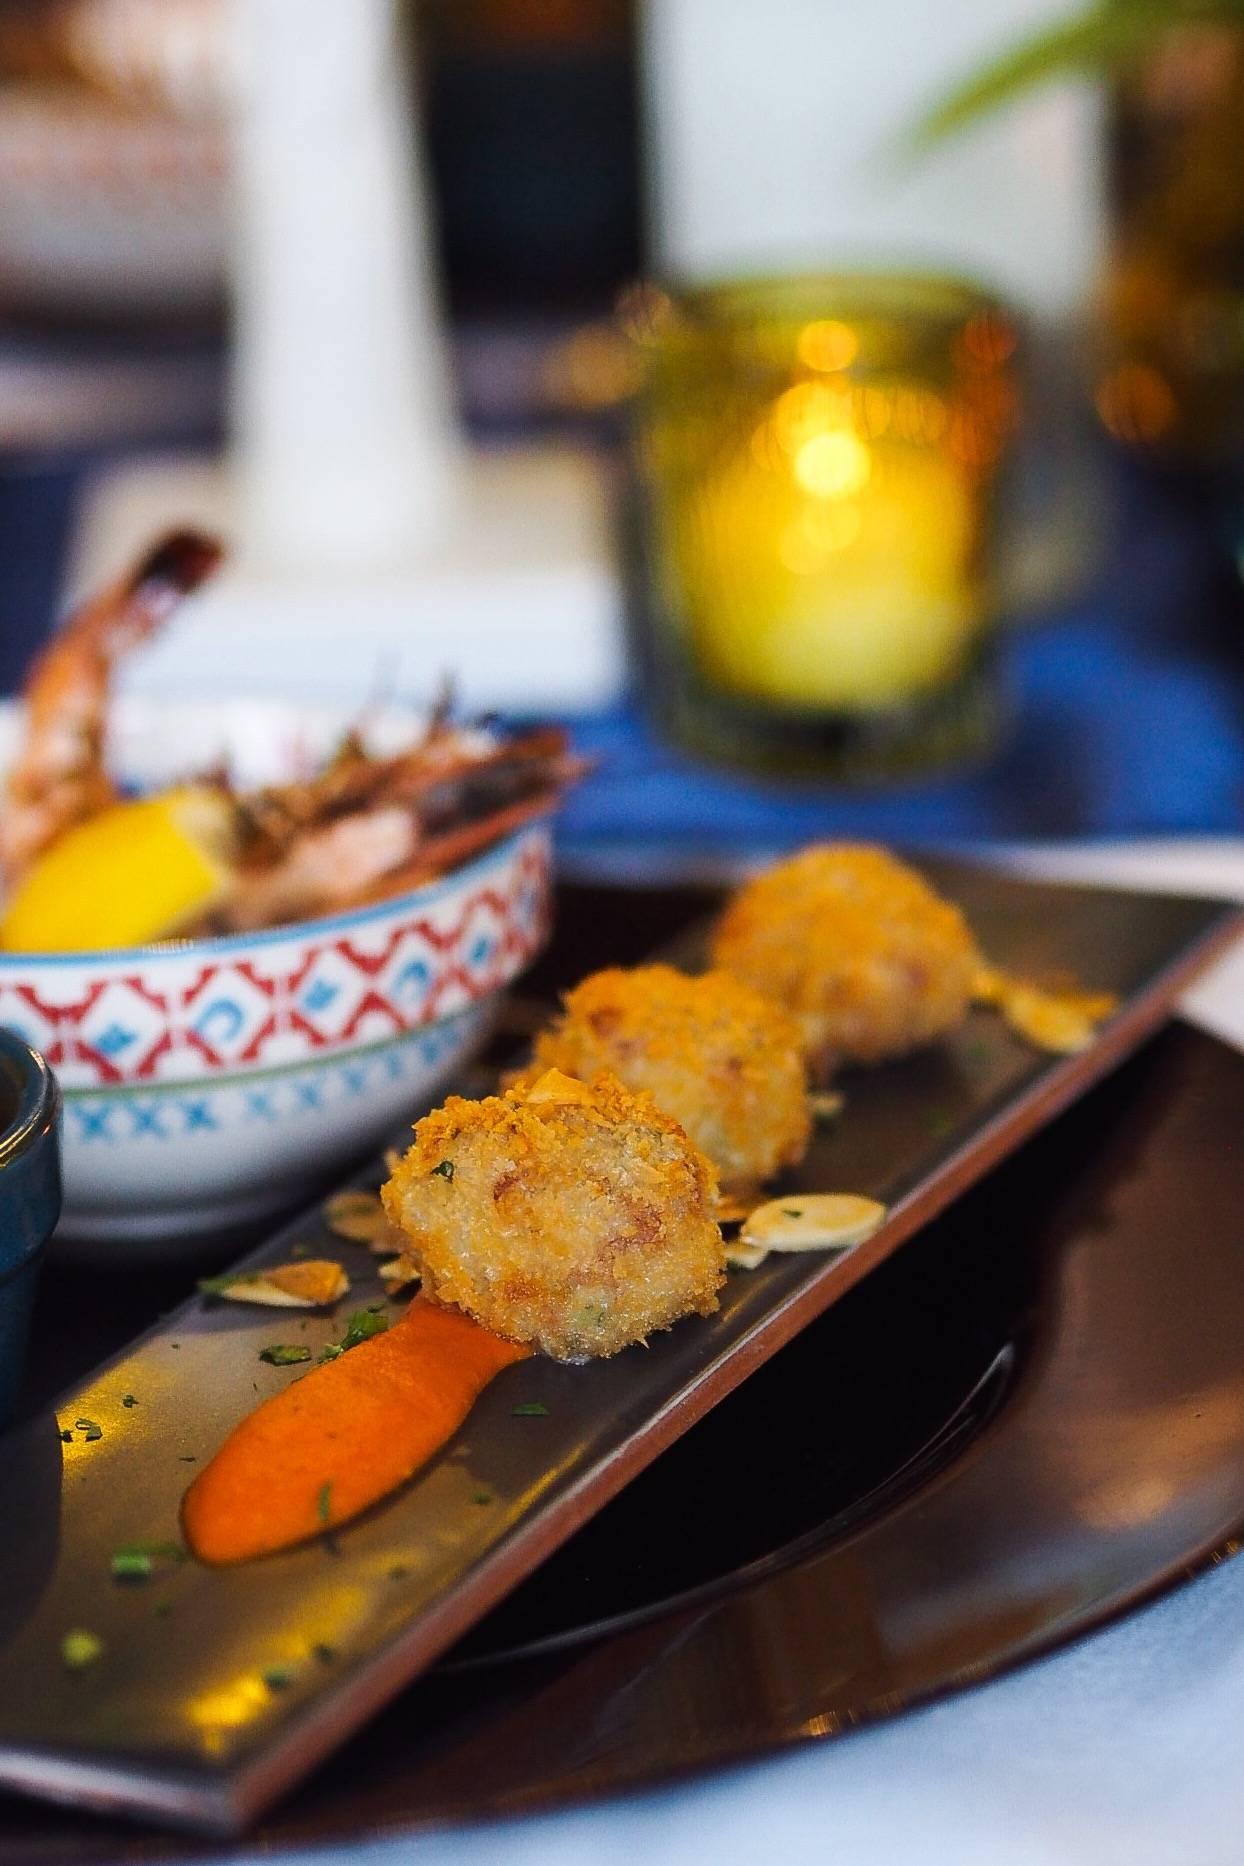 The_Anchor_Aspley_Guise_Mediterranean_Supper_Club_Croquettes